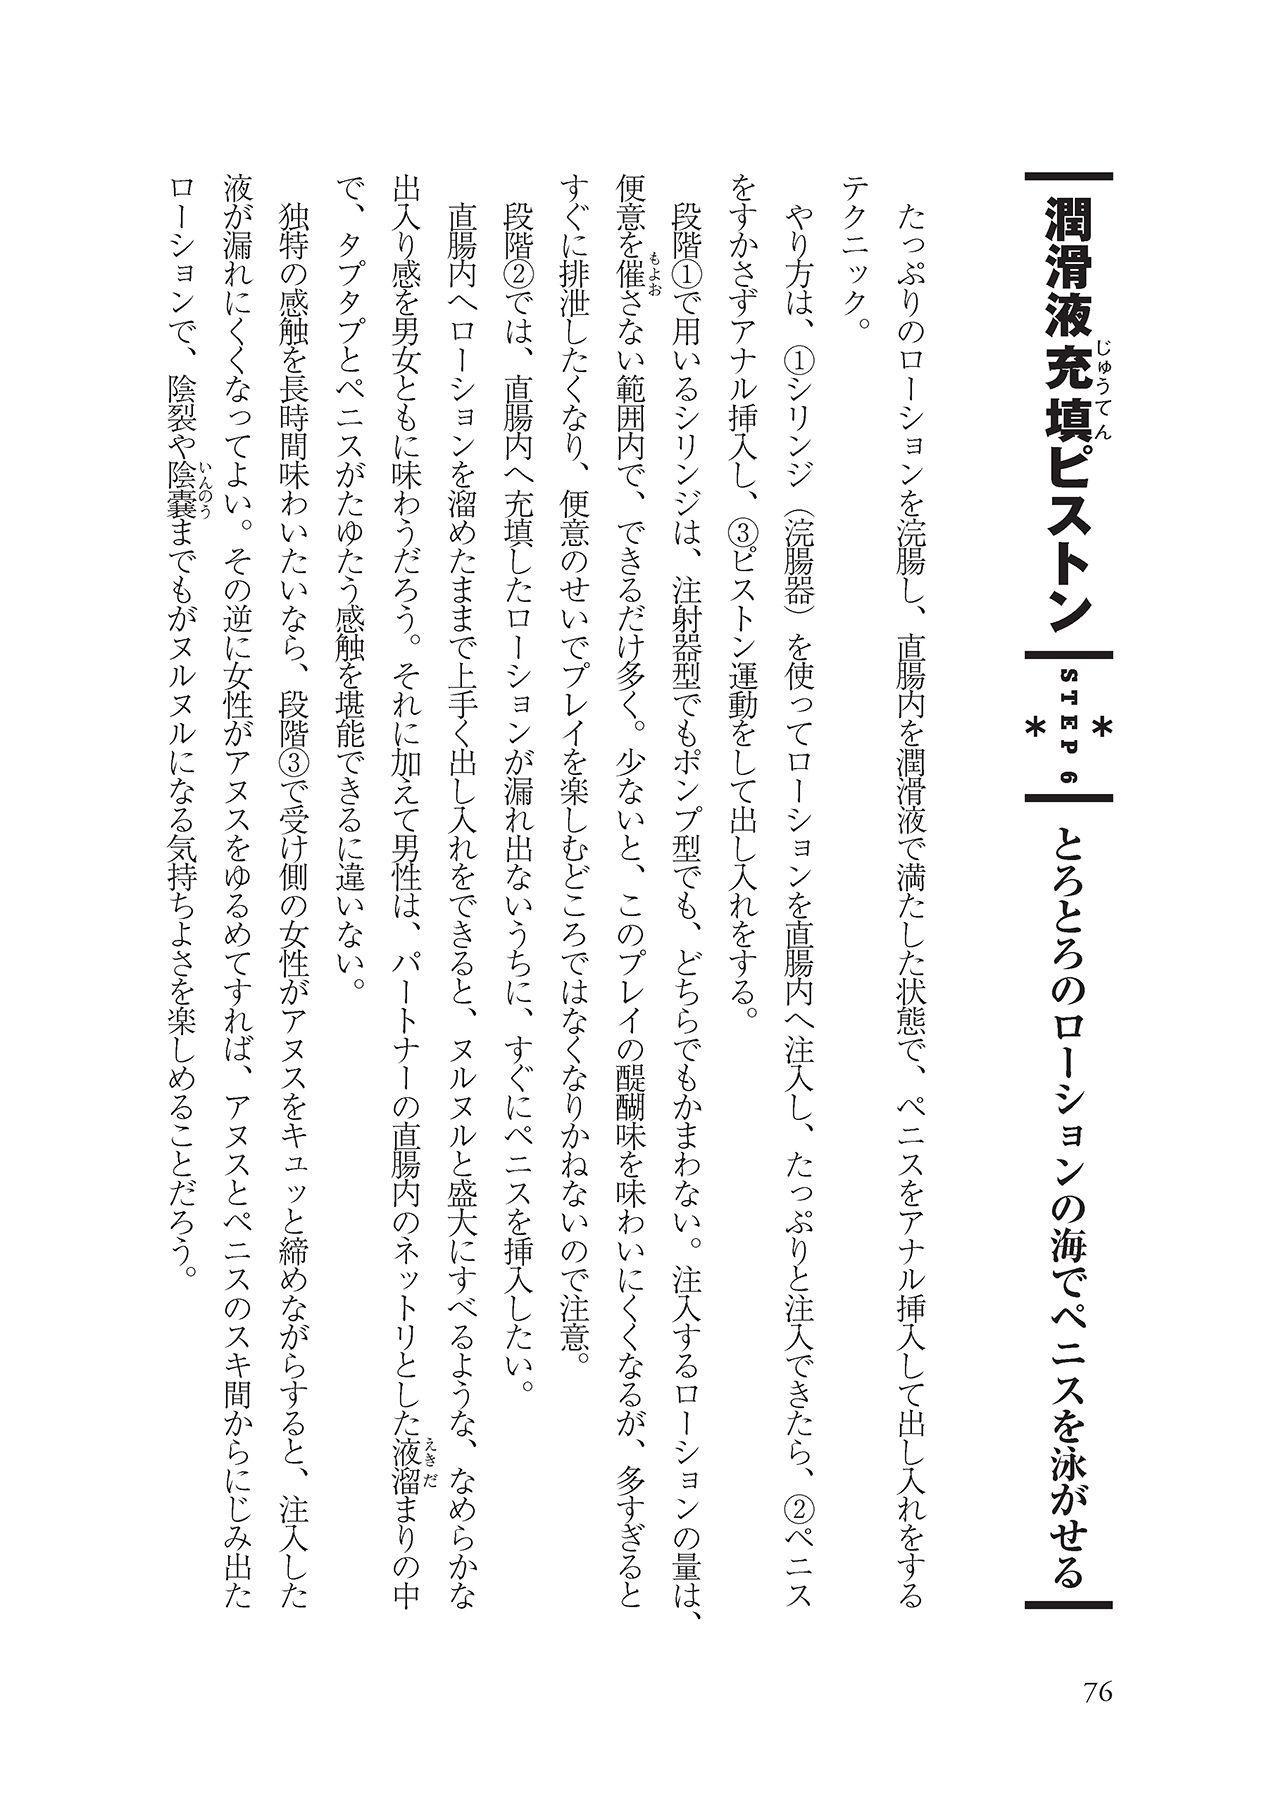 アナル性感開発・お尻エッチ 完全マニュアル 77